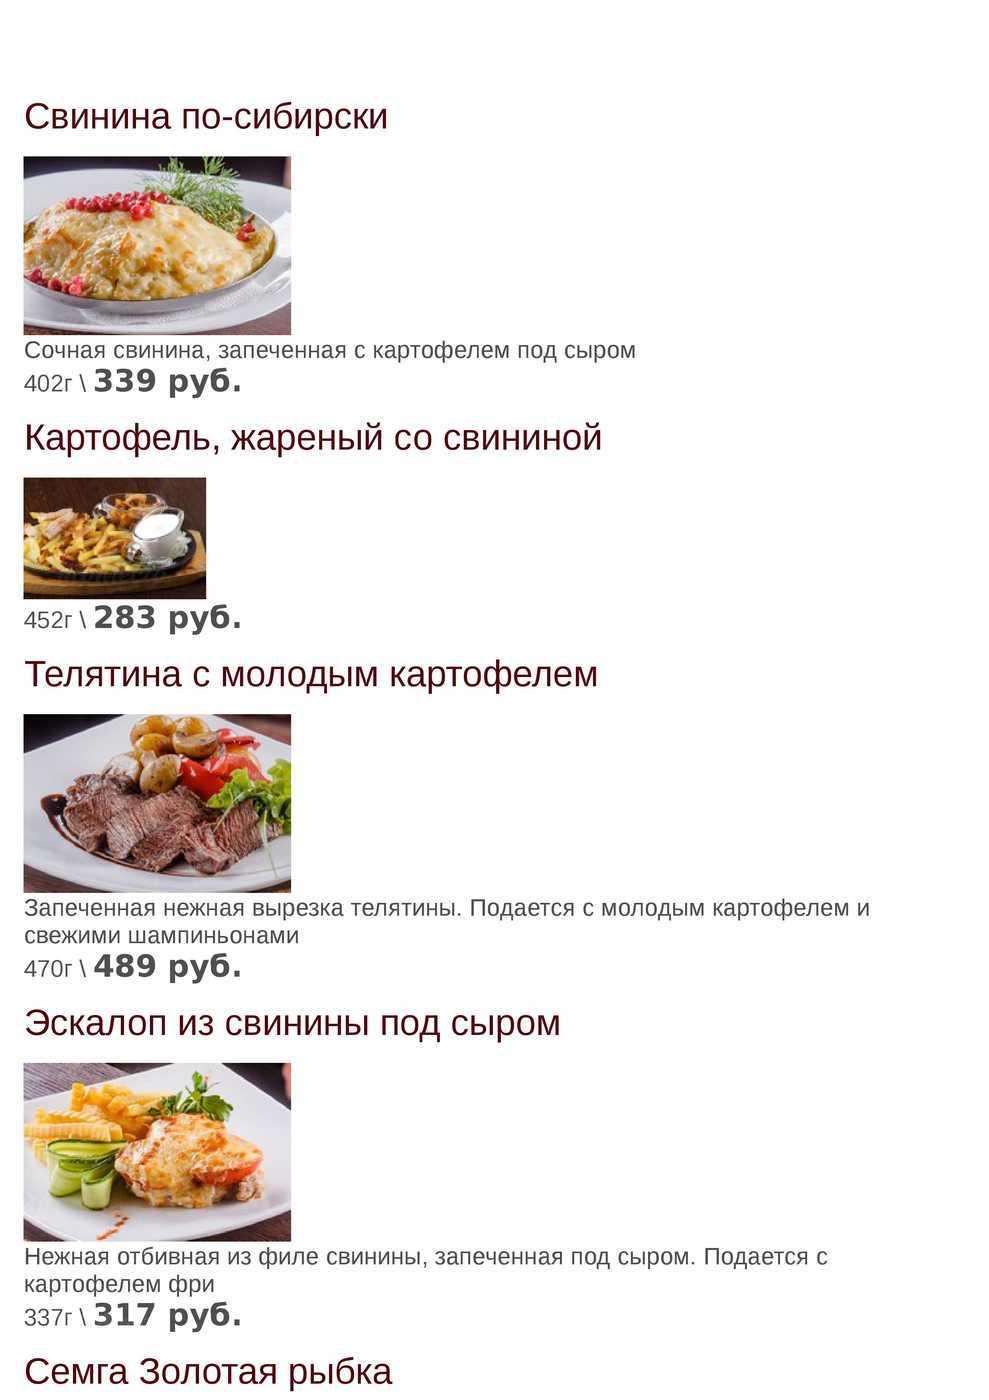 Меню кафе Ермак на проспекте имени газеты Красноярский Рабочий фото 19